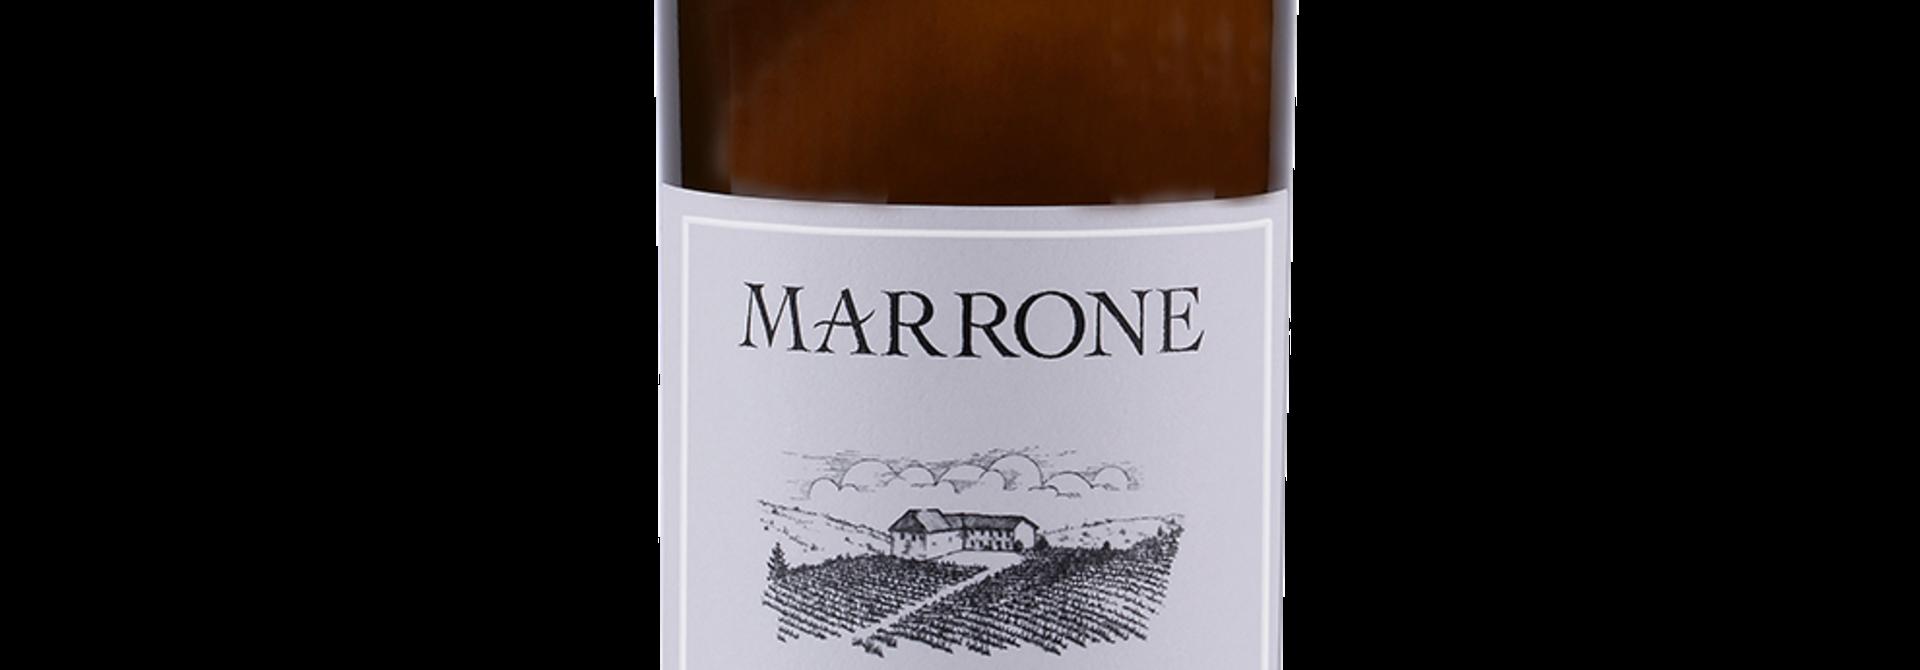 Marrone Langhe Chardonnay Memundis